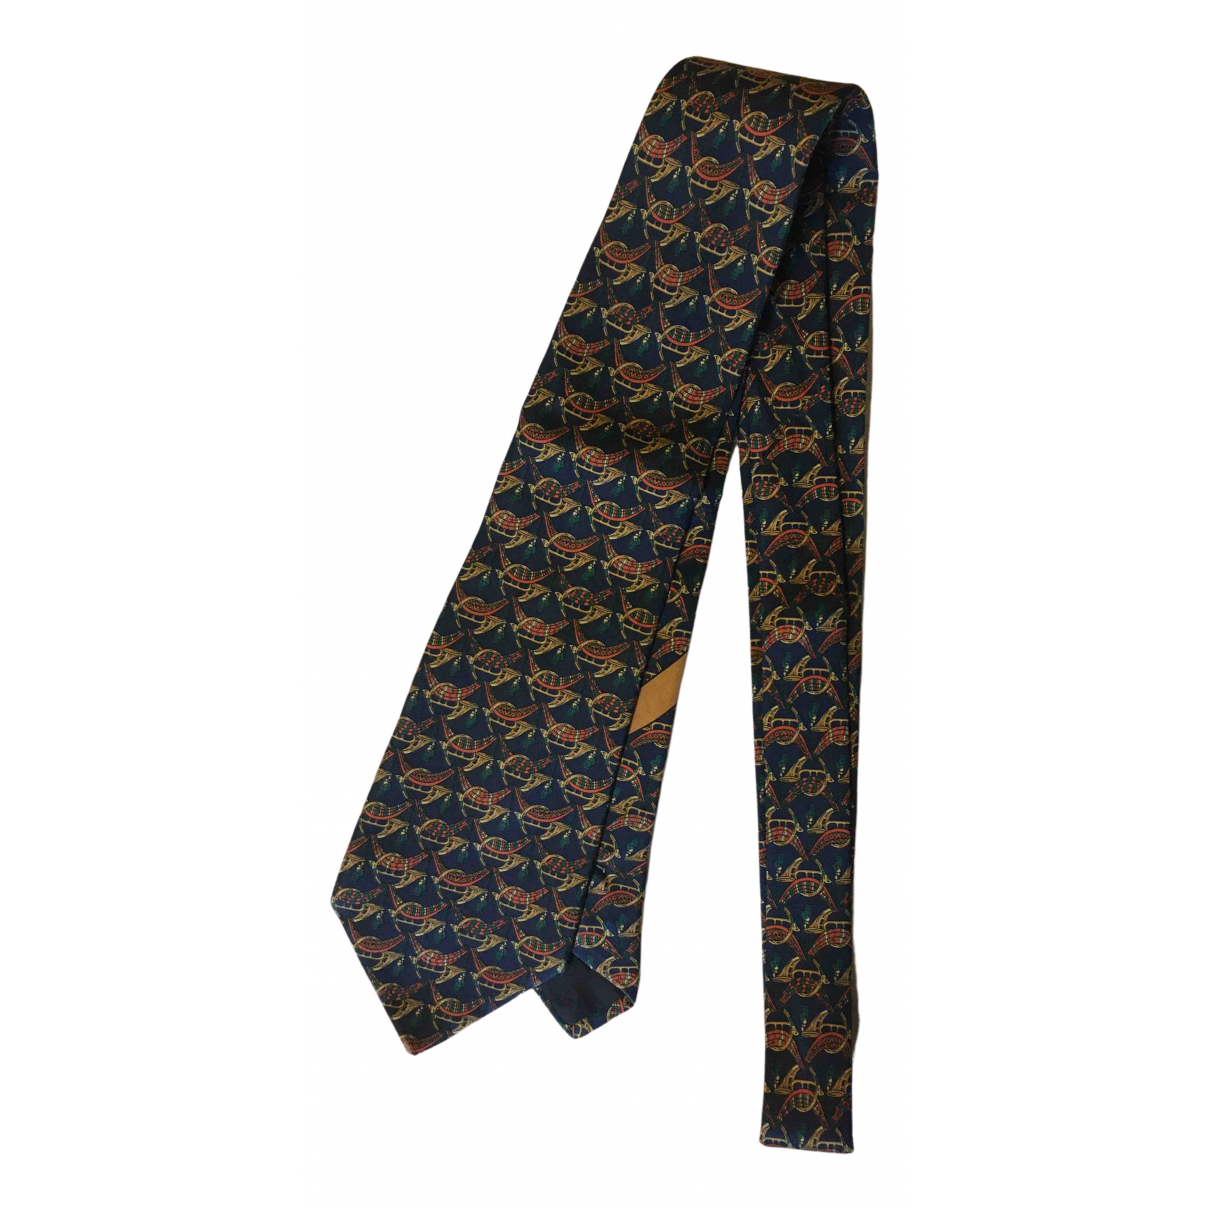 Salvatore Ferragamo - Cravates   pour homme en soie - multicolore